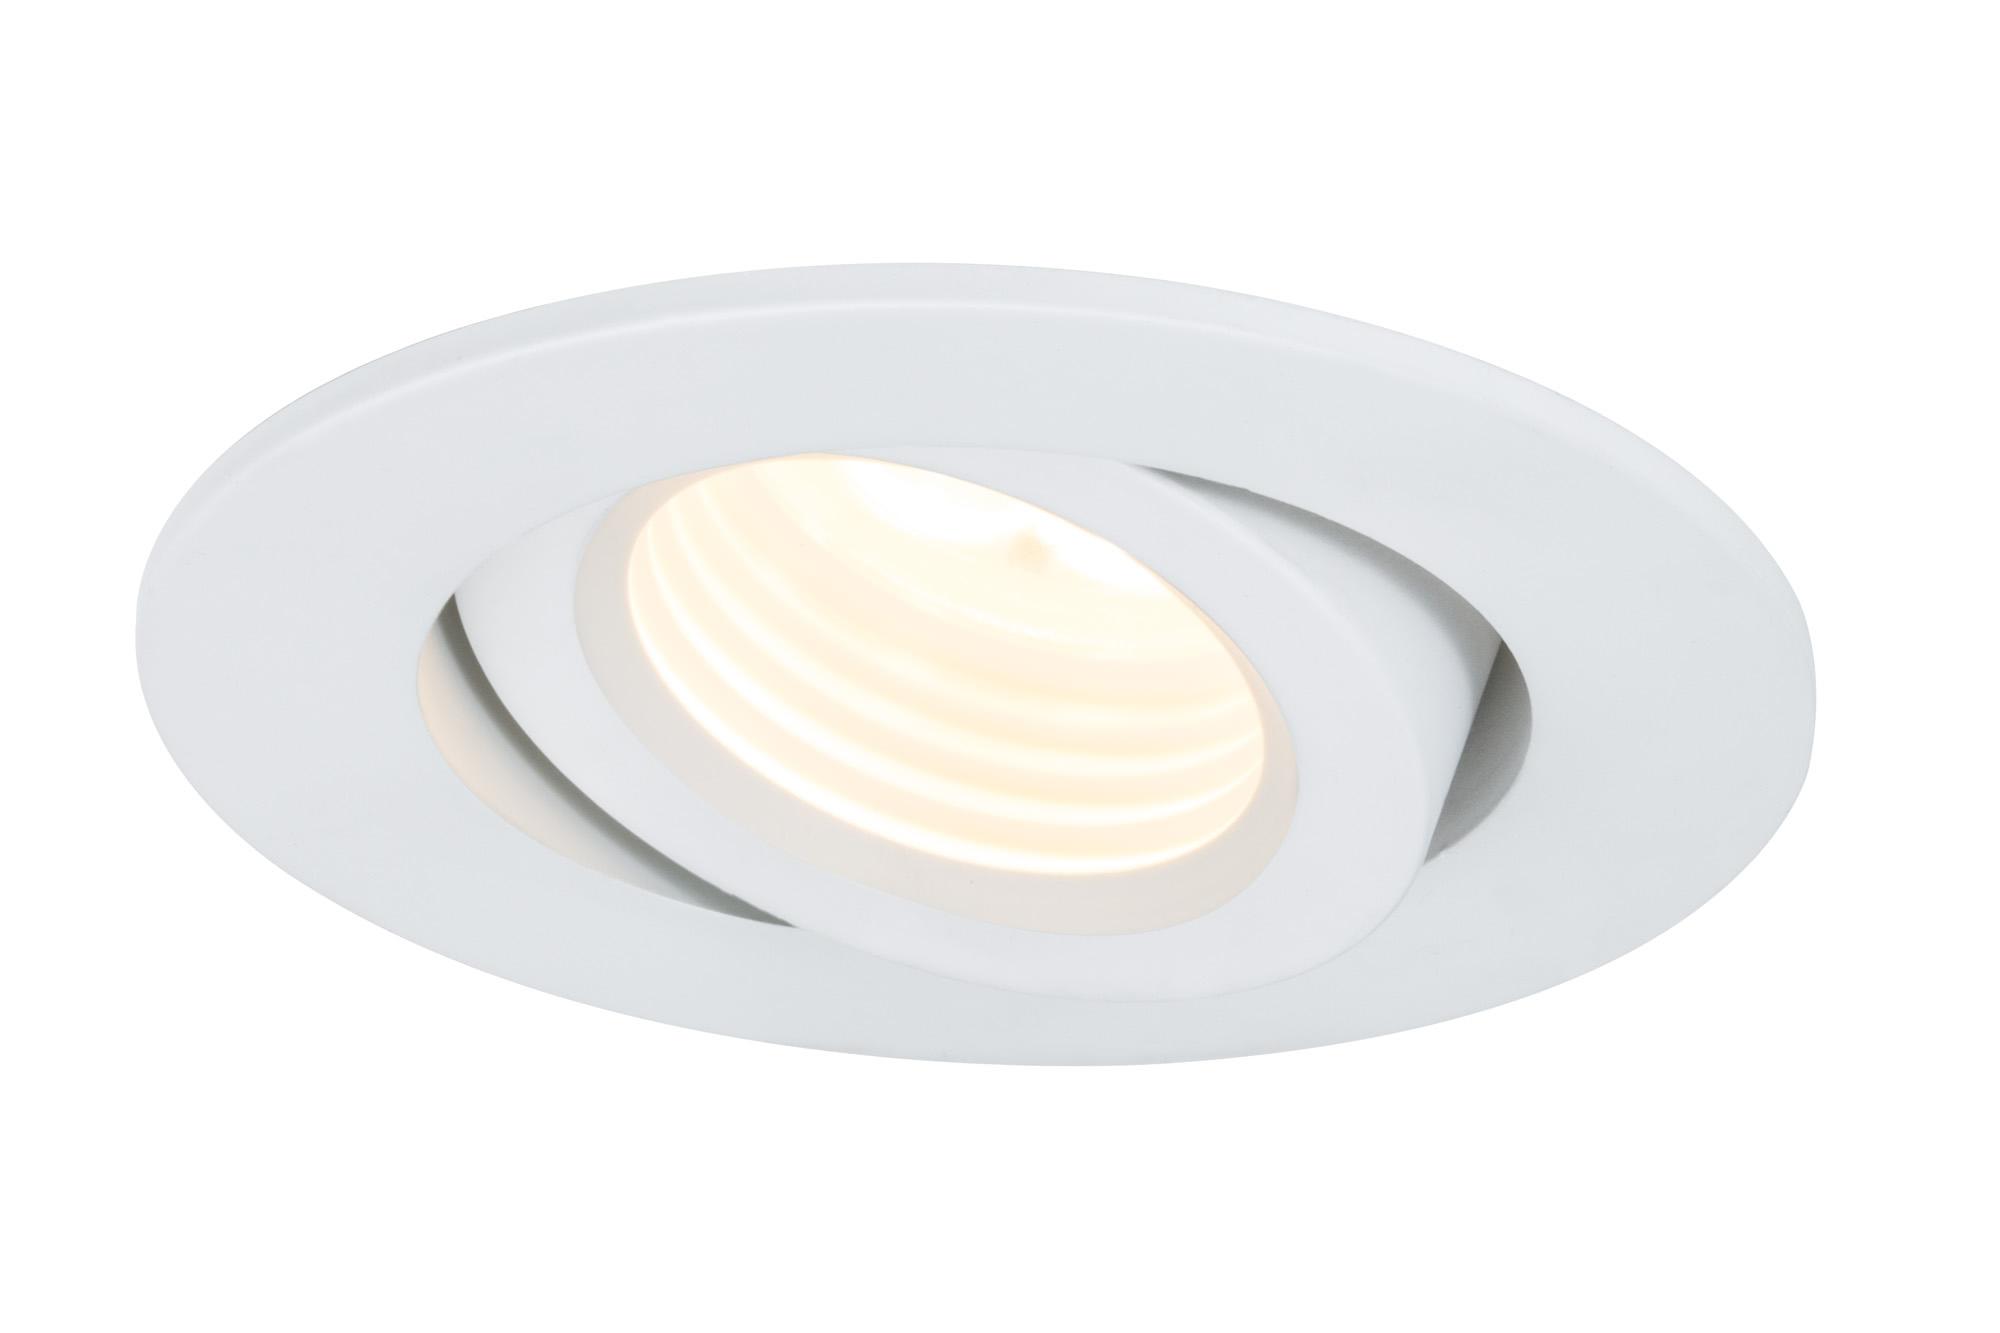 Paulmann. 92585 Светильник встр. Creamy schw LED 1x10W, 700mA, белый